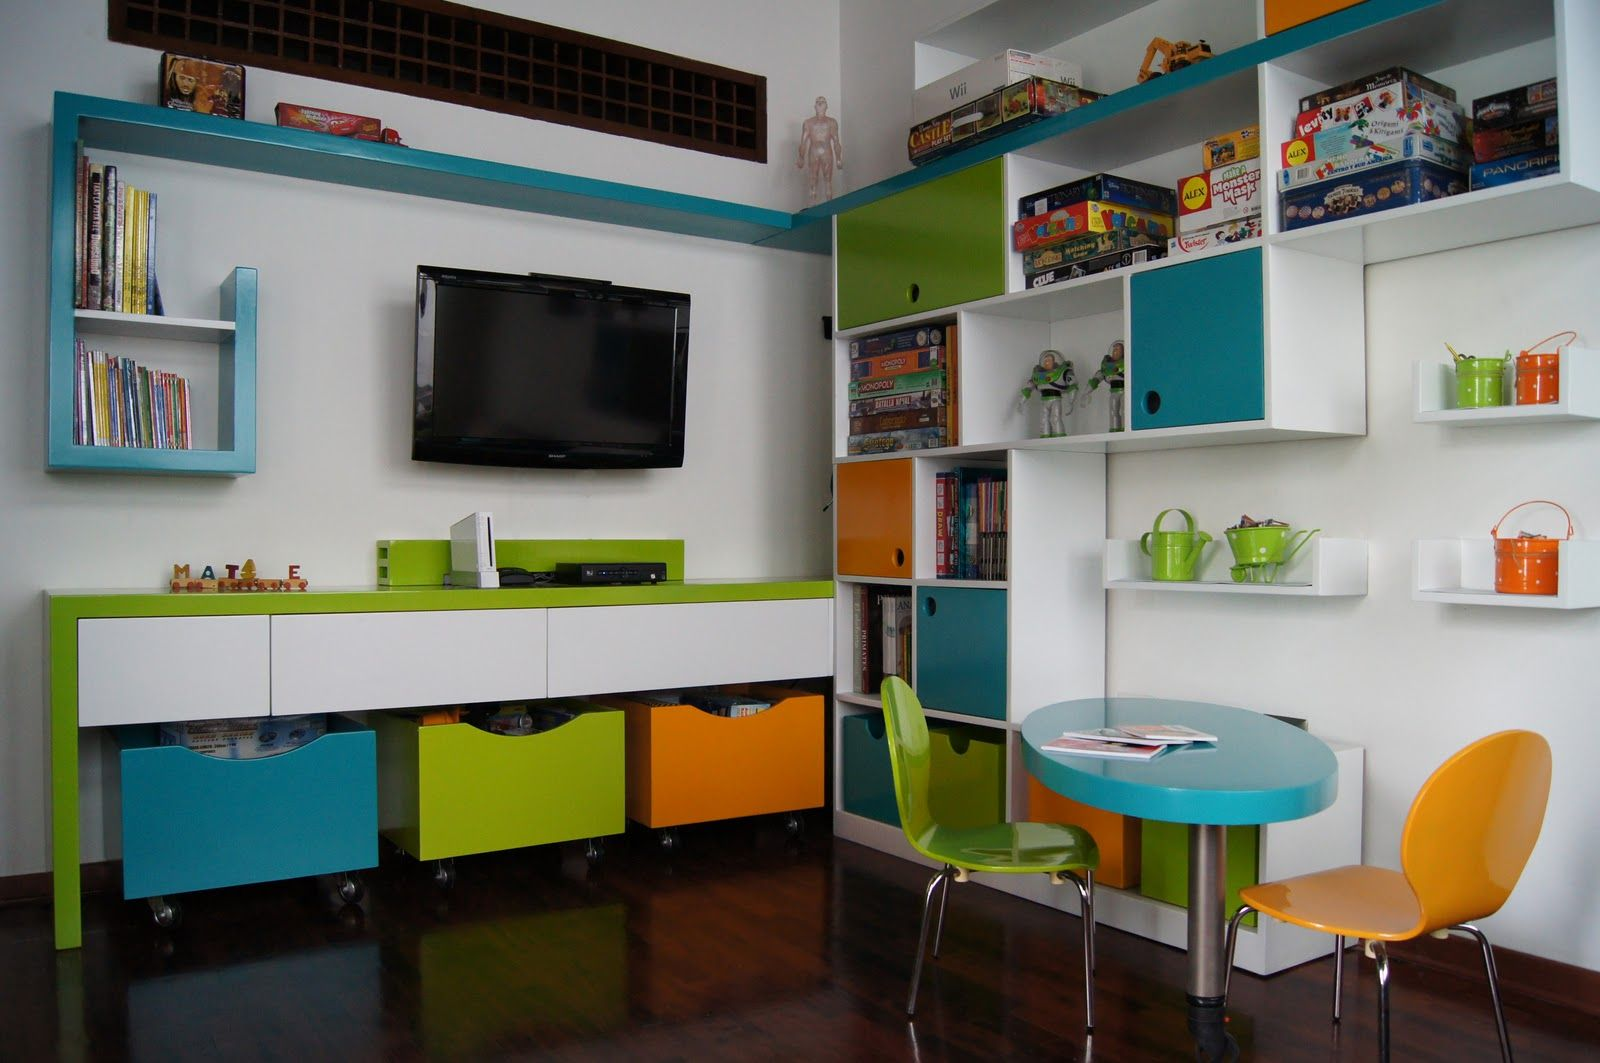 Sala de juegos a colores cuarto de juegos pinterest - Habitaciones de juguetes ...